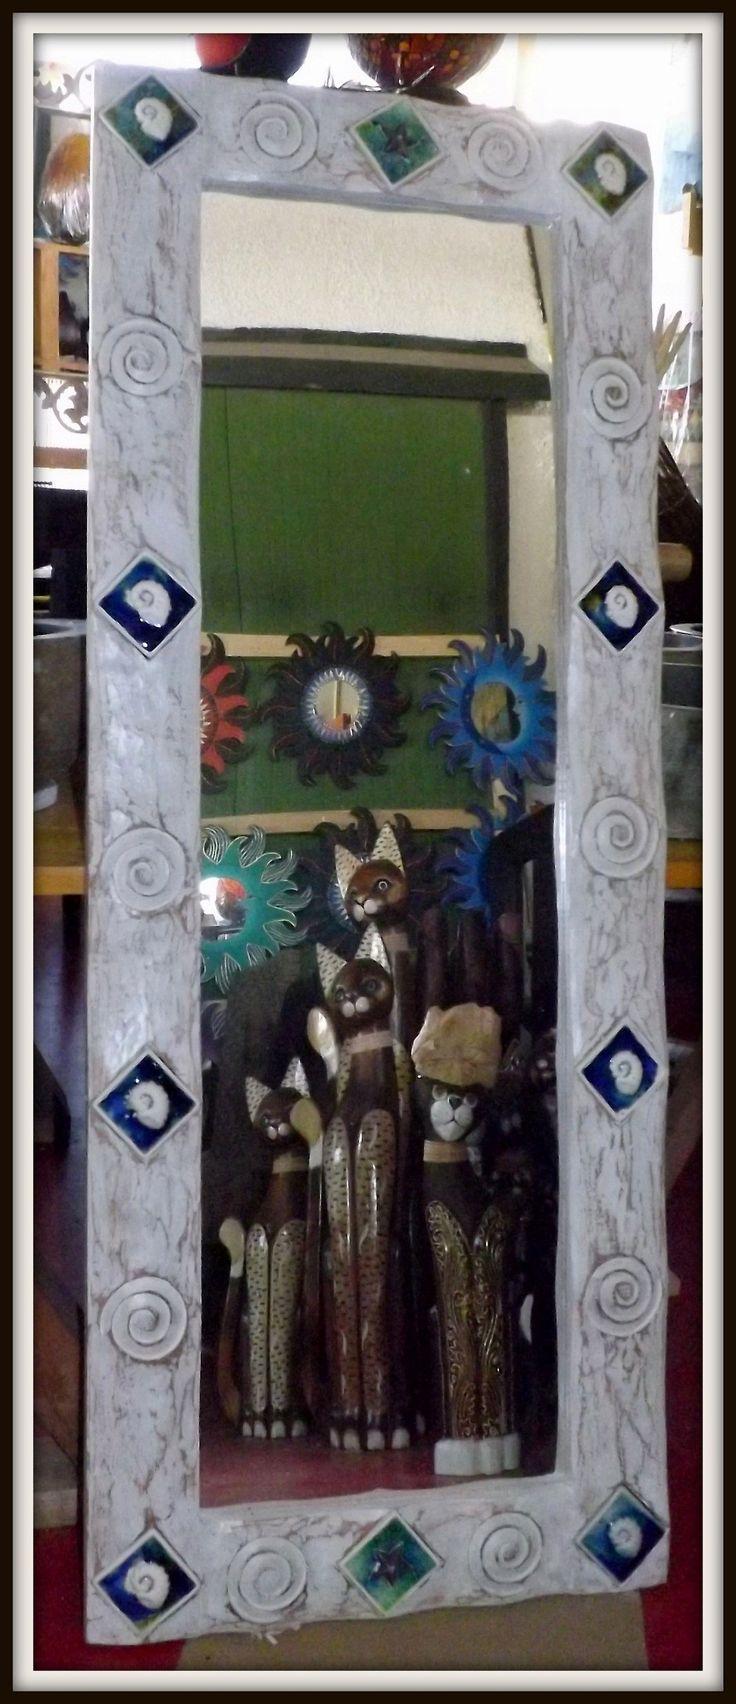 Specchio in legno con intarsi e rifiniture in ceramica! Colore bianco decapato. Realizzato completamente a mano. Le piccole imperfezioni che si possono riscontrare sono la garanzia di un oggetto lavorato a mano. Dimensioni: CM 140x55x3 spesso.Cornice cm 10.